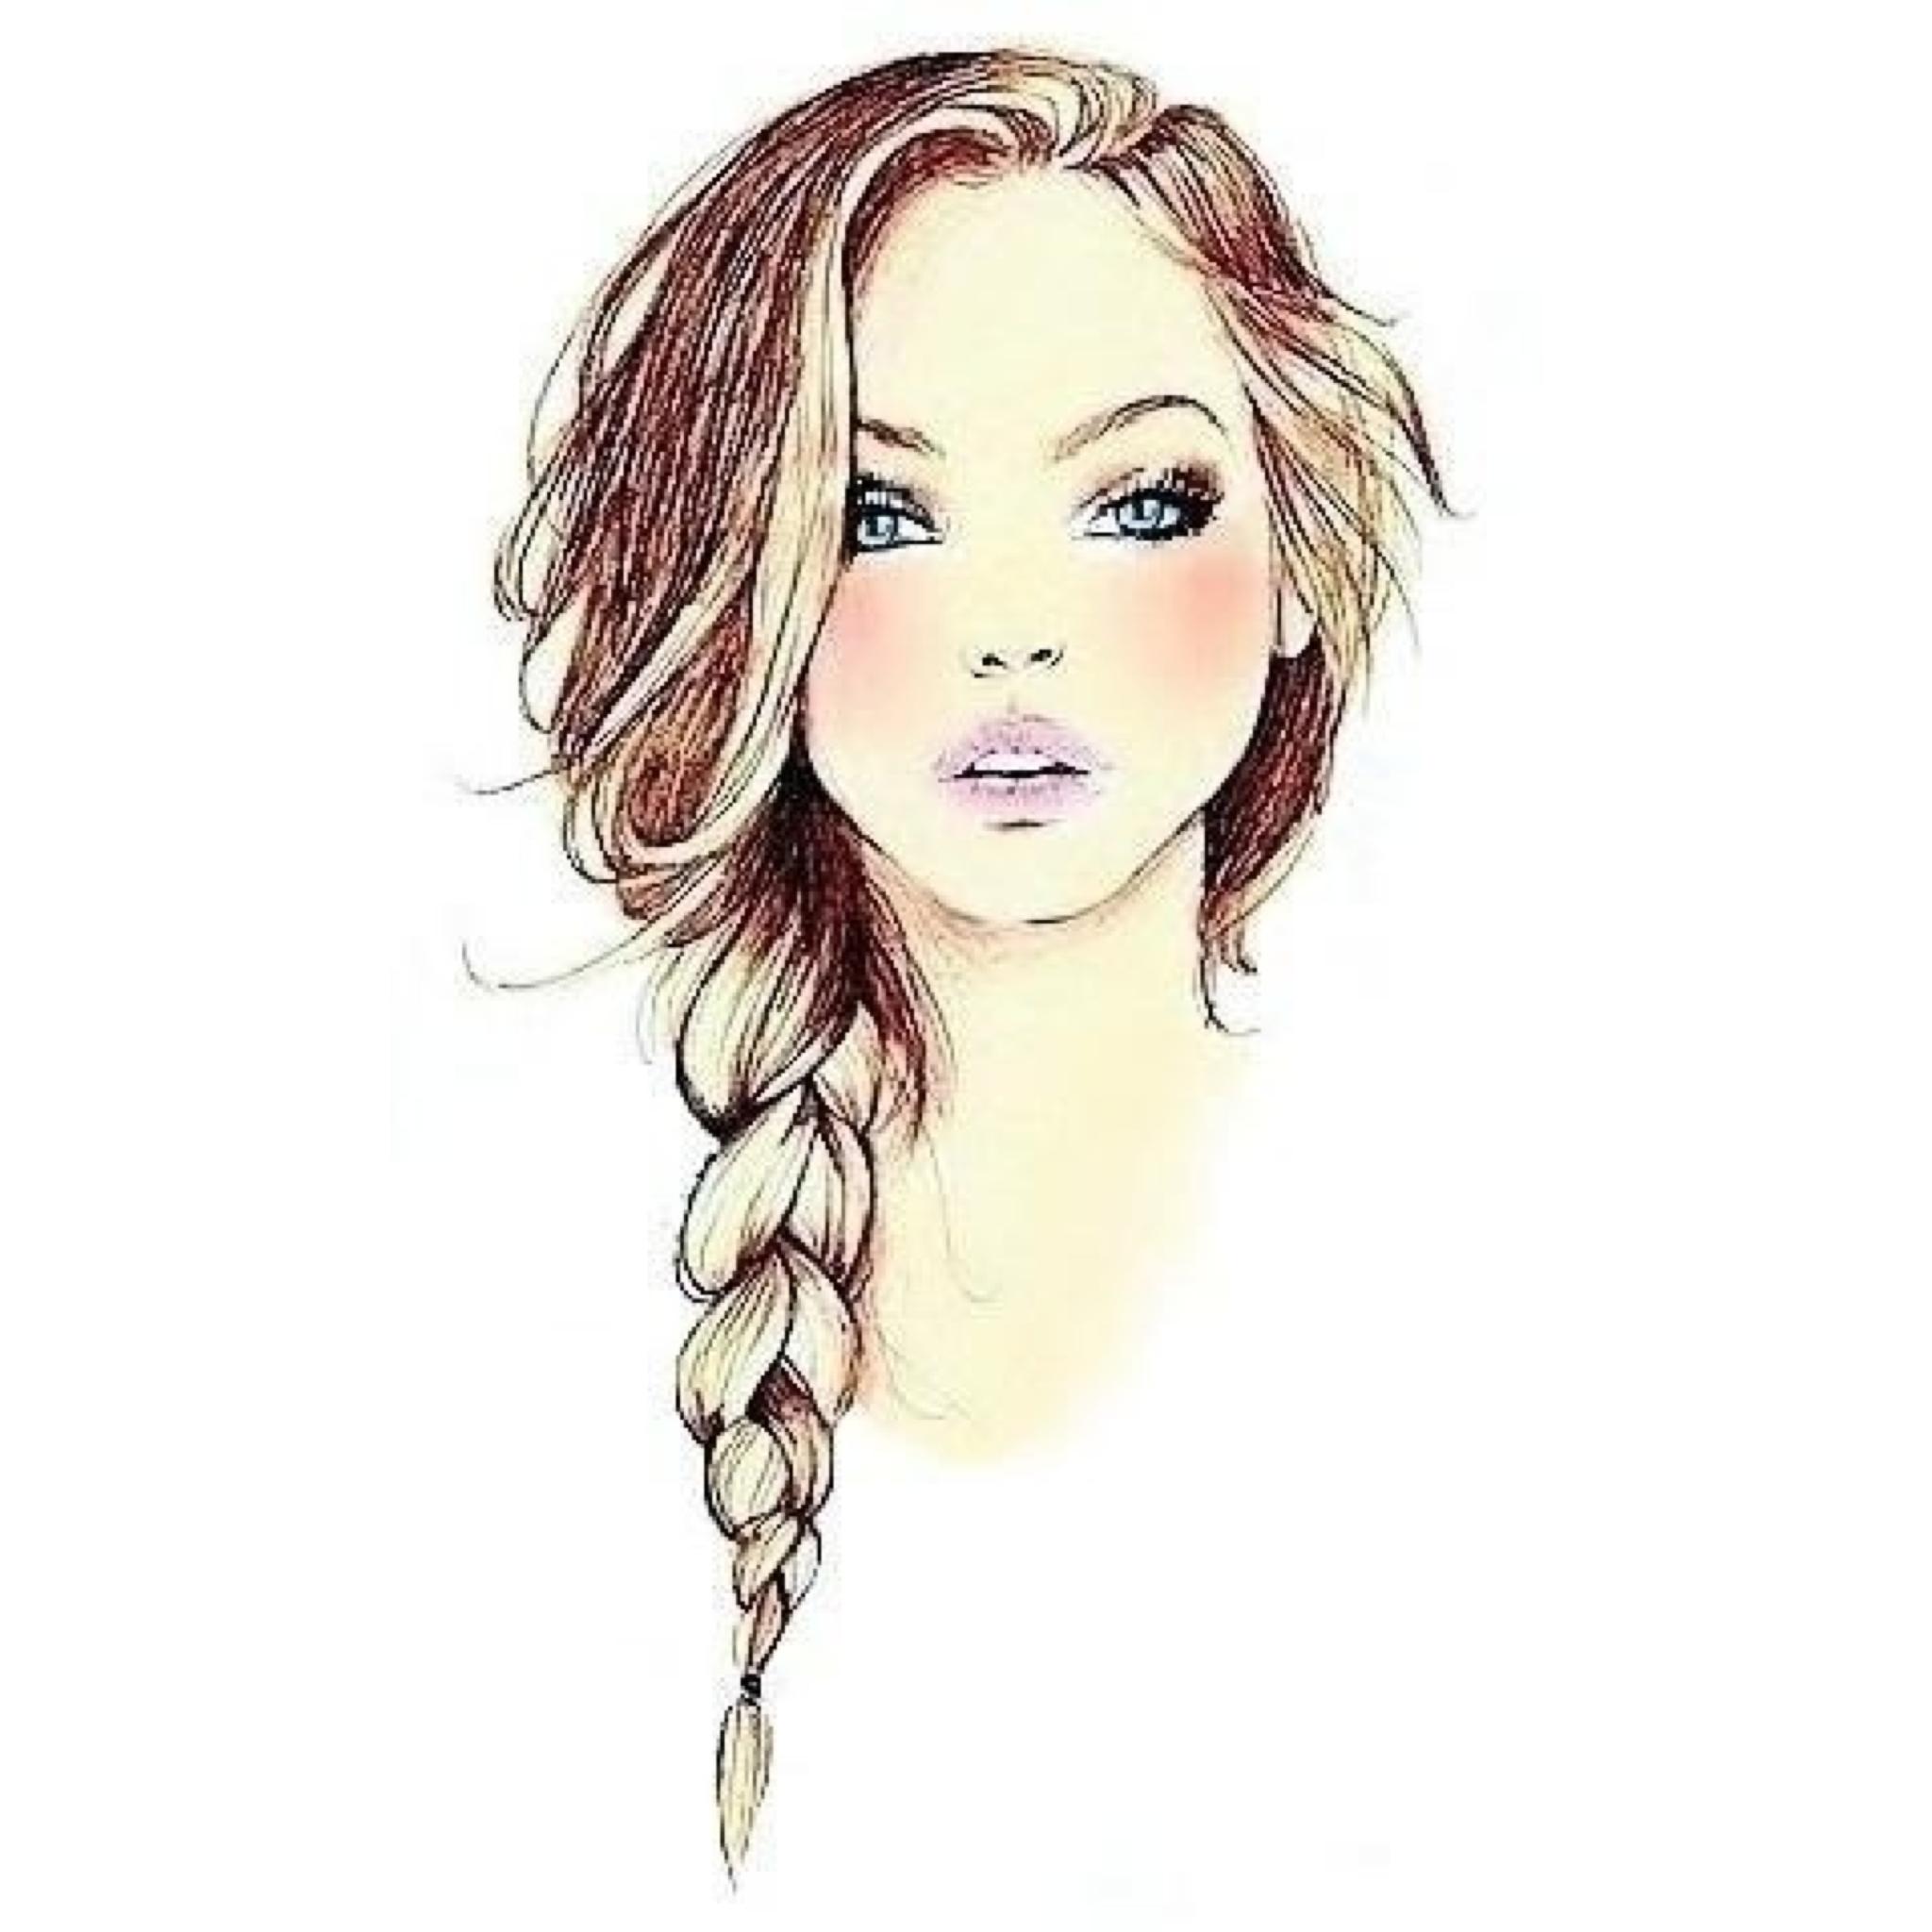 Drawn braid female hair A of Hair #drawing #braid